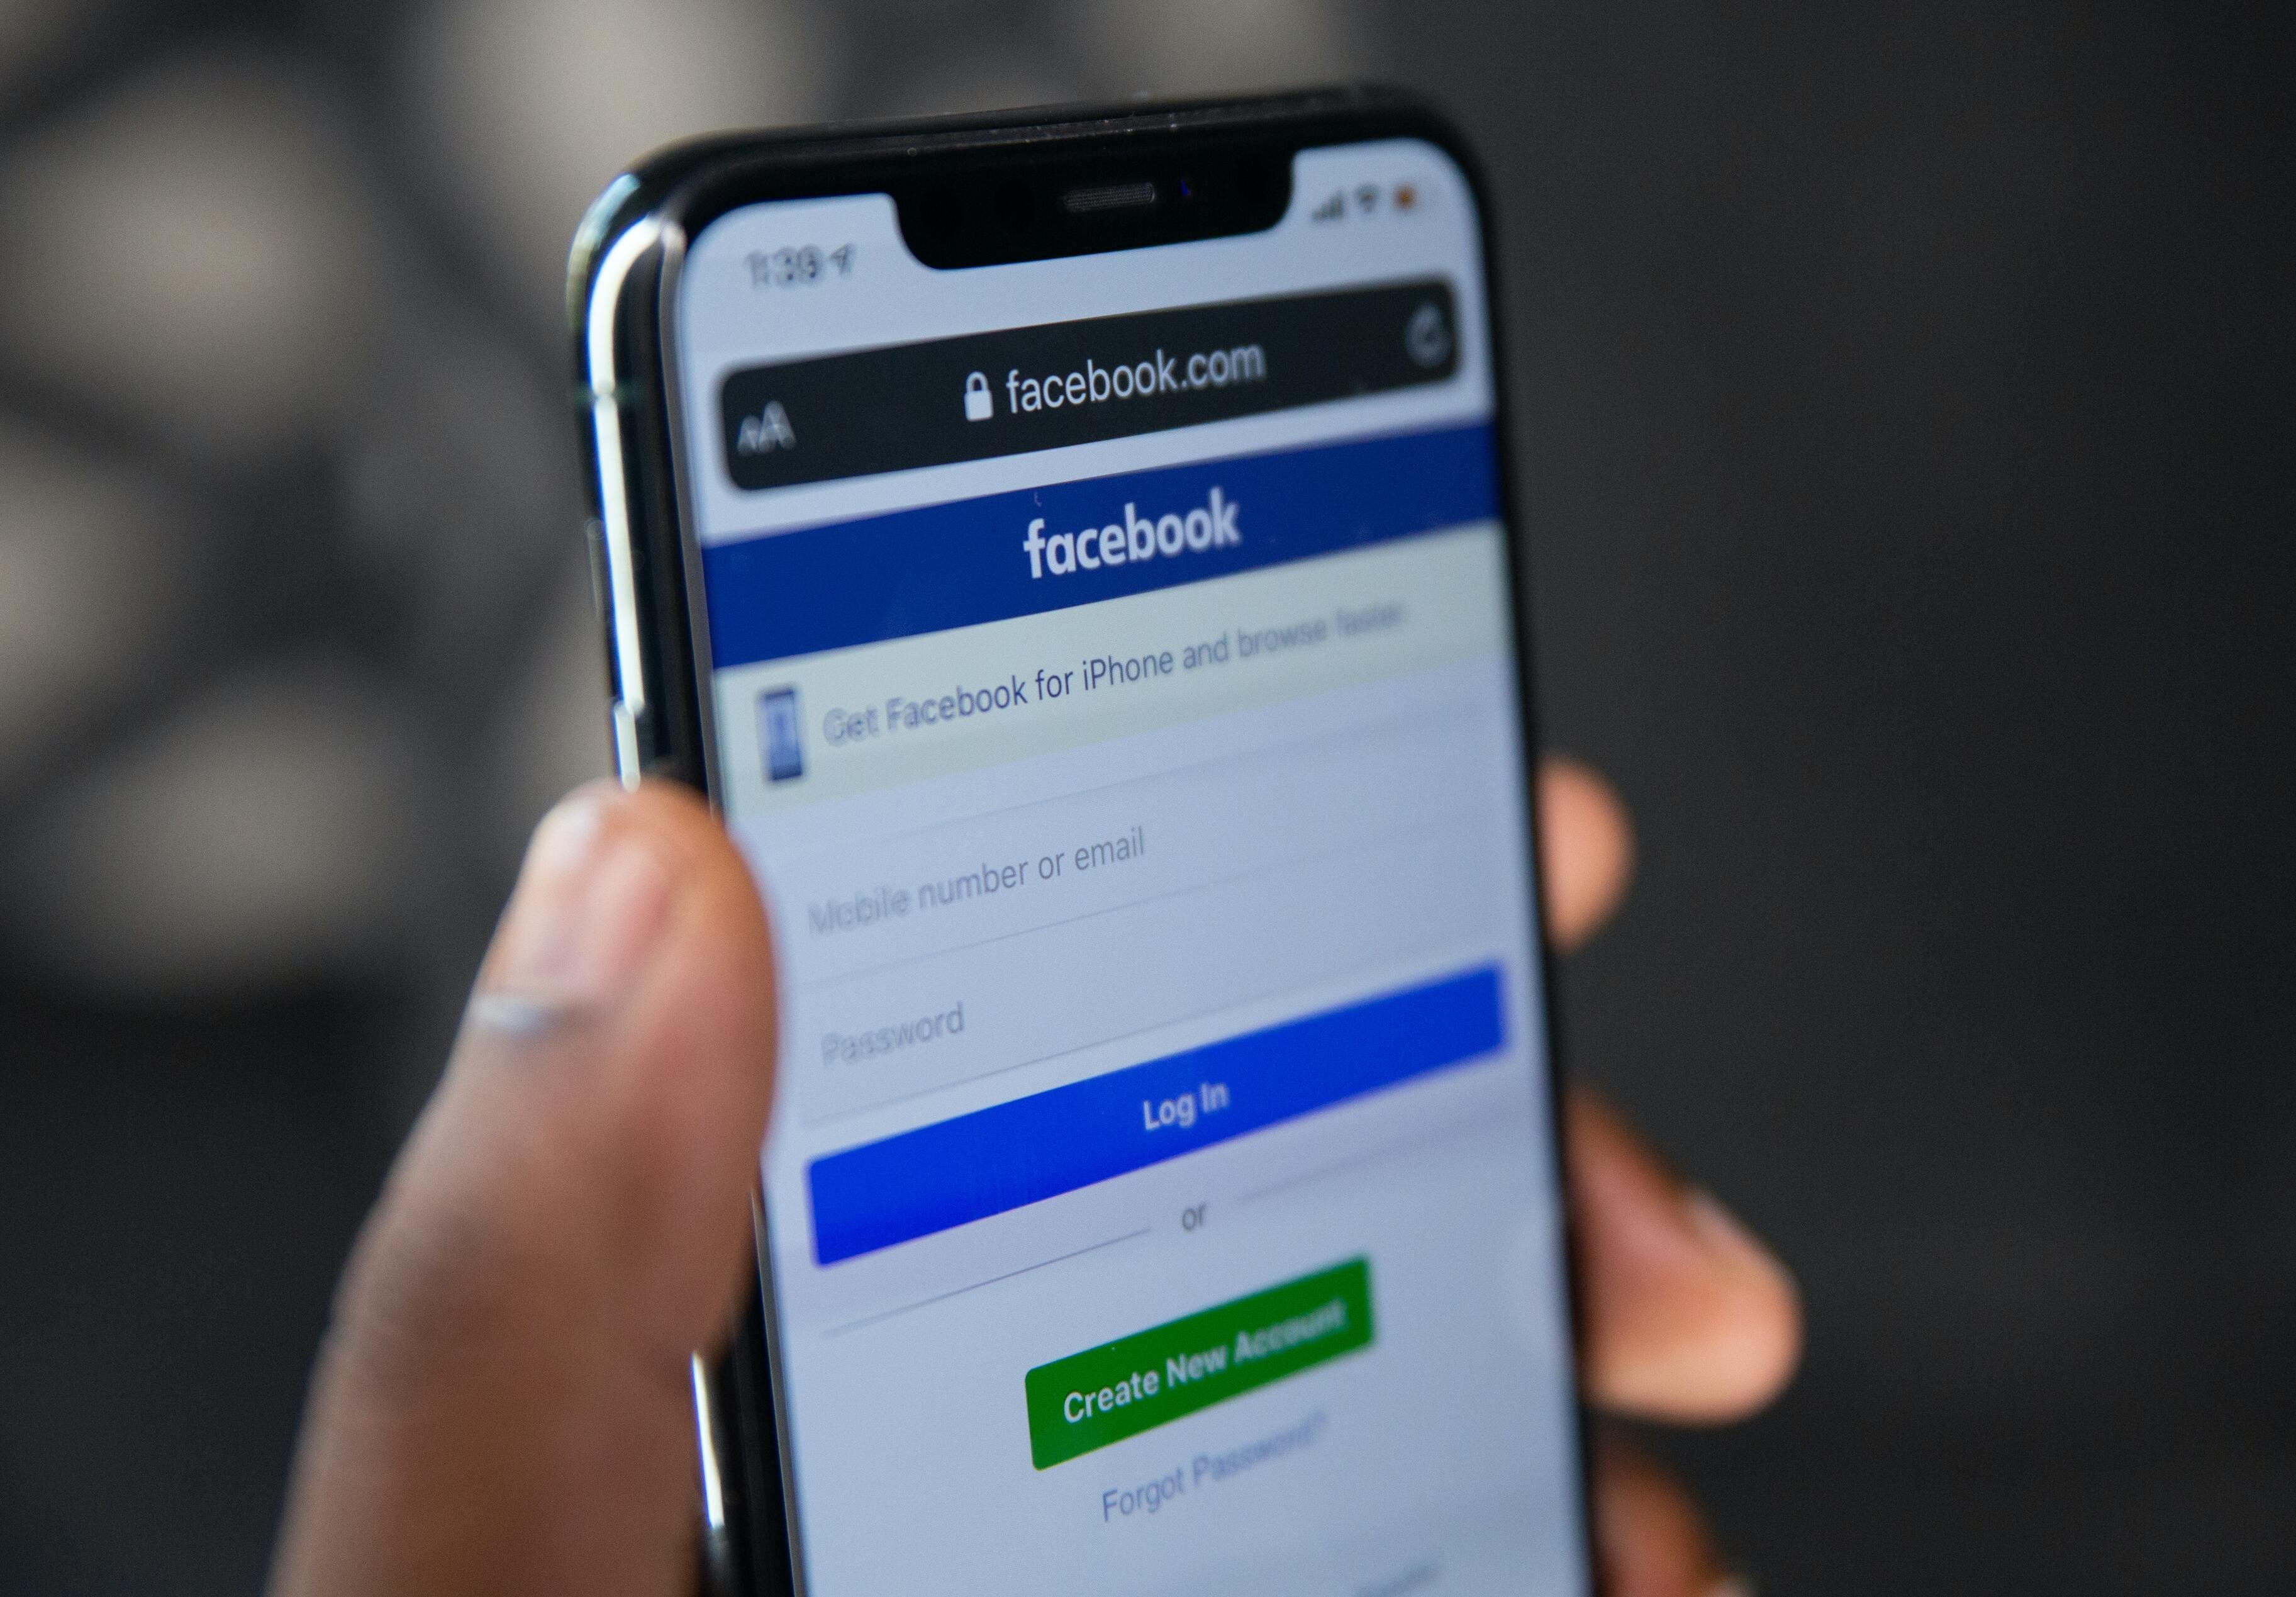 В борьбе со СМИ Facebook случайно заблокировала собственную страницу